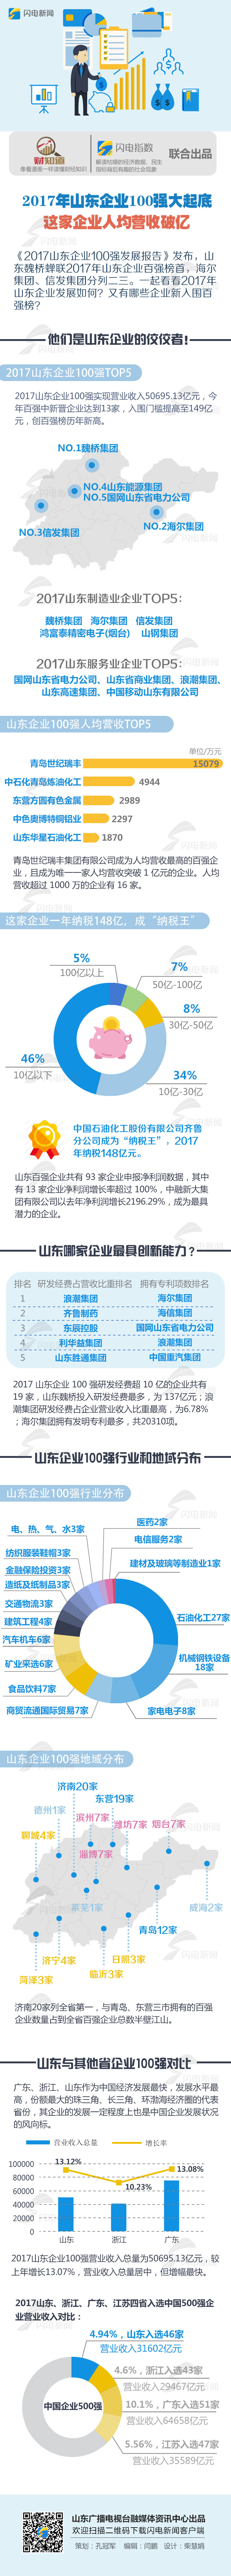 20170927山东企业百强.jpg